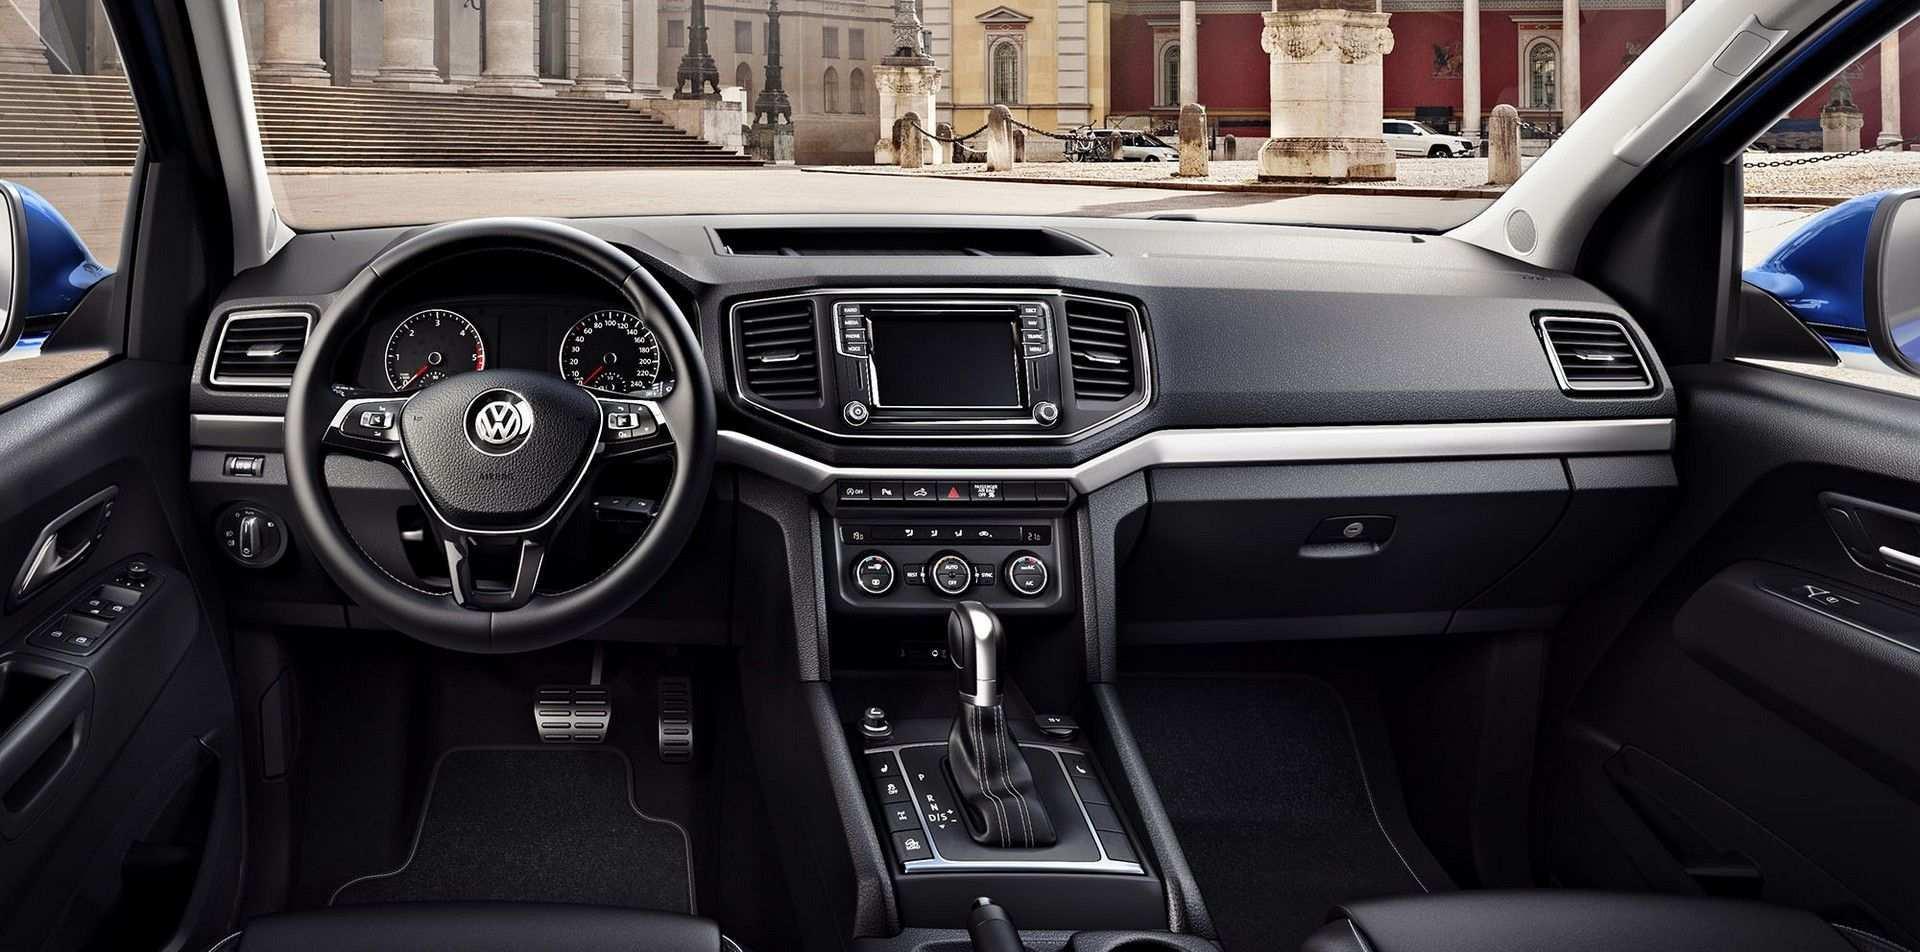 96 All New 2020 Volkswagen Truck Exterior by 2020 Volkswagen Truck